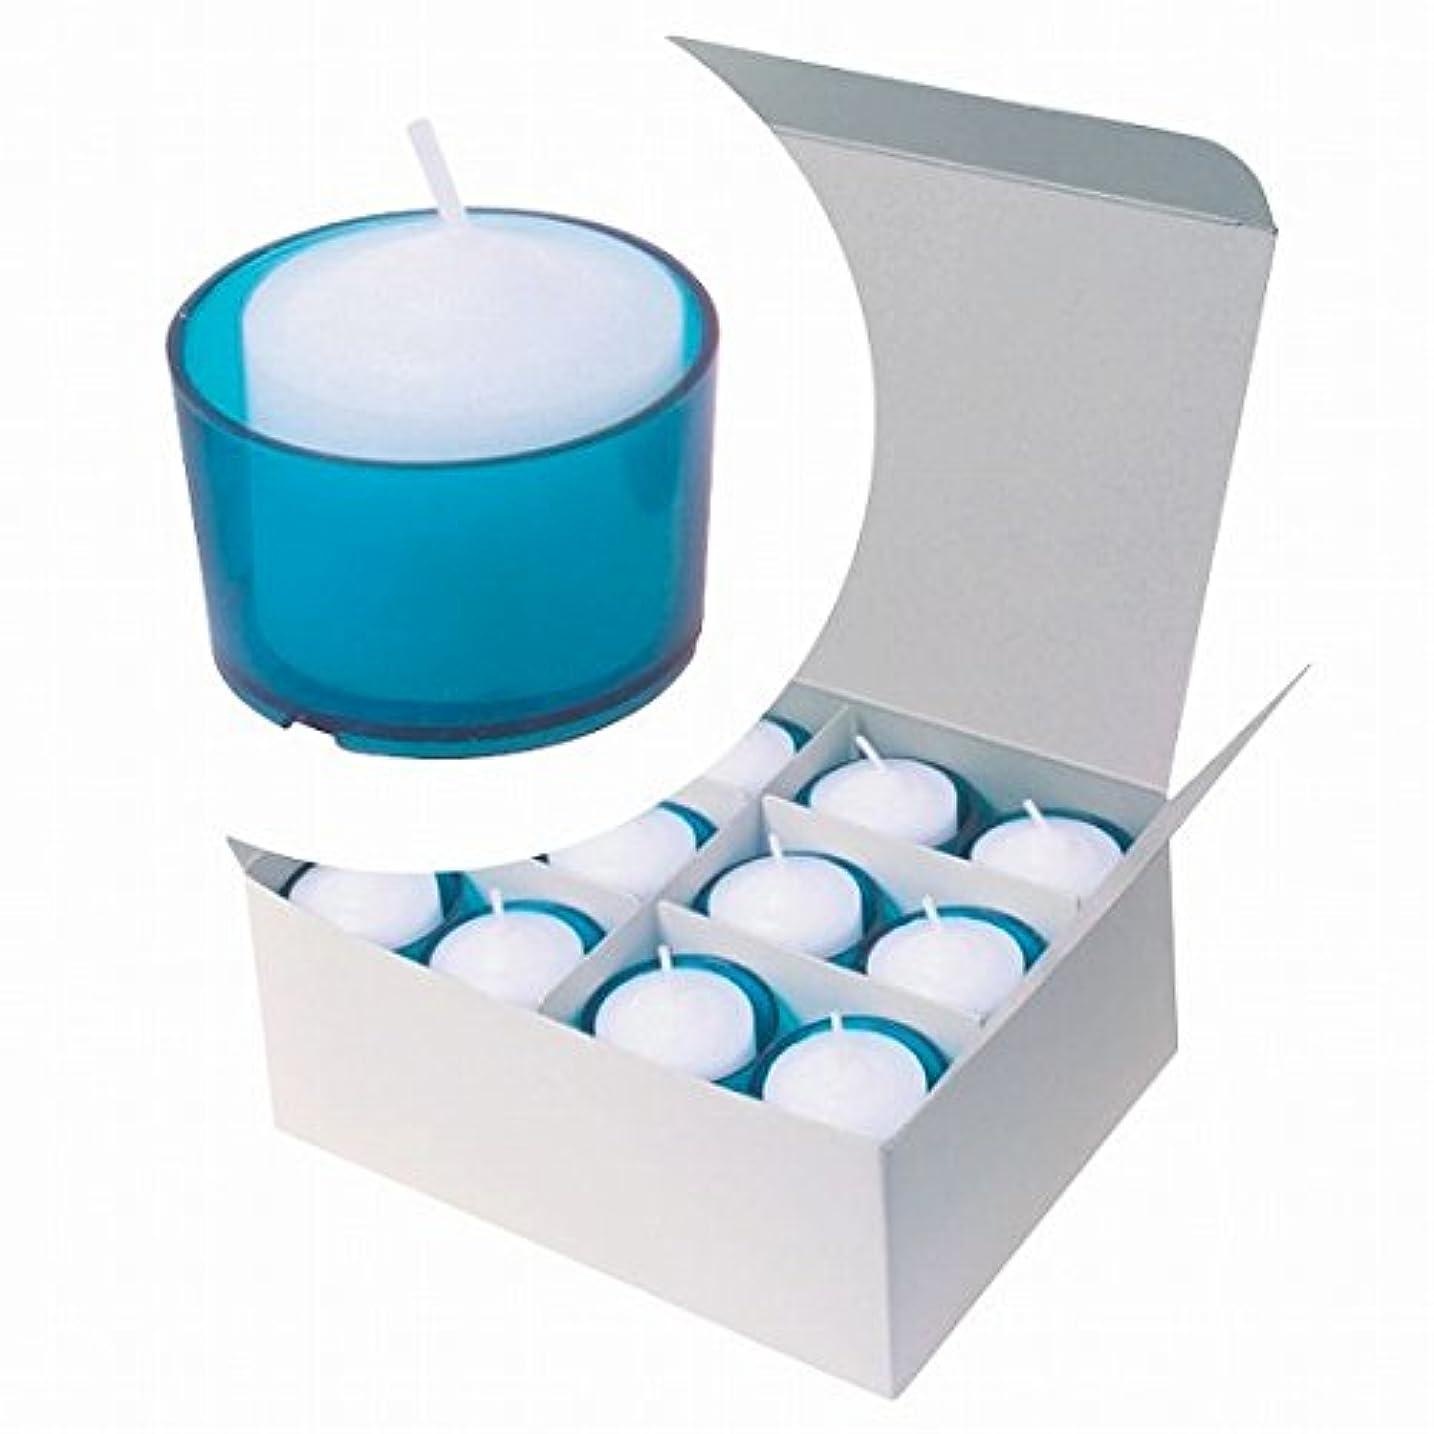 余裕がある合唱団野菜カメヤマキャンドル(kameyama candle) カラークリアカップボーティブ6時間タイプ 24個入り 「 ブルー 」